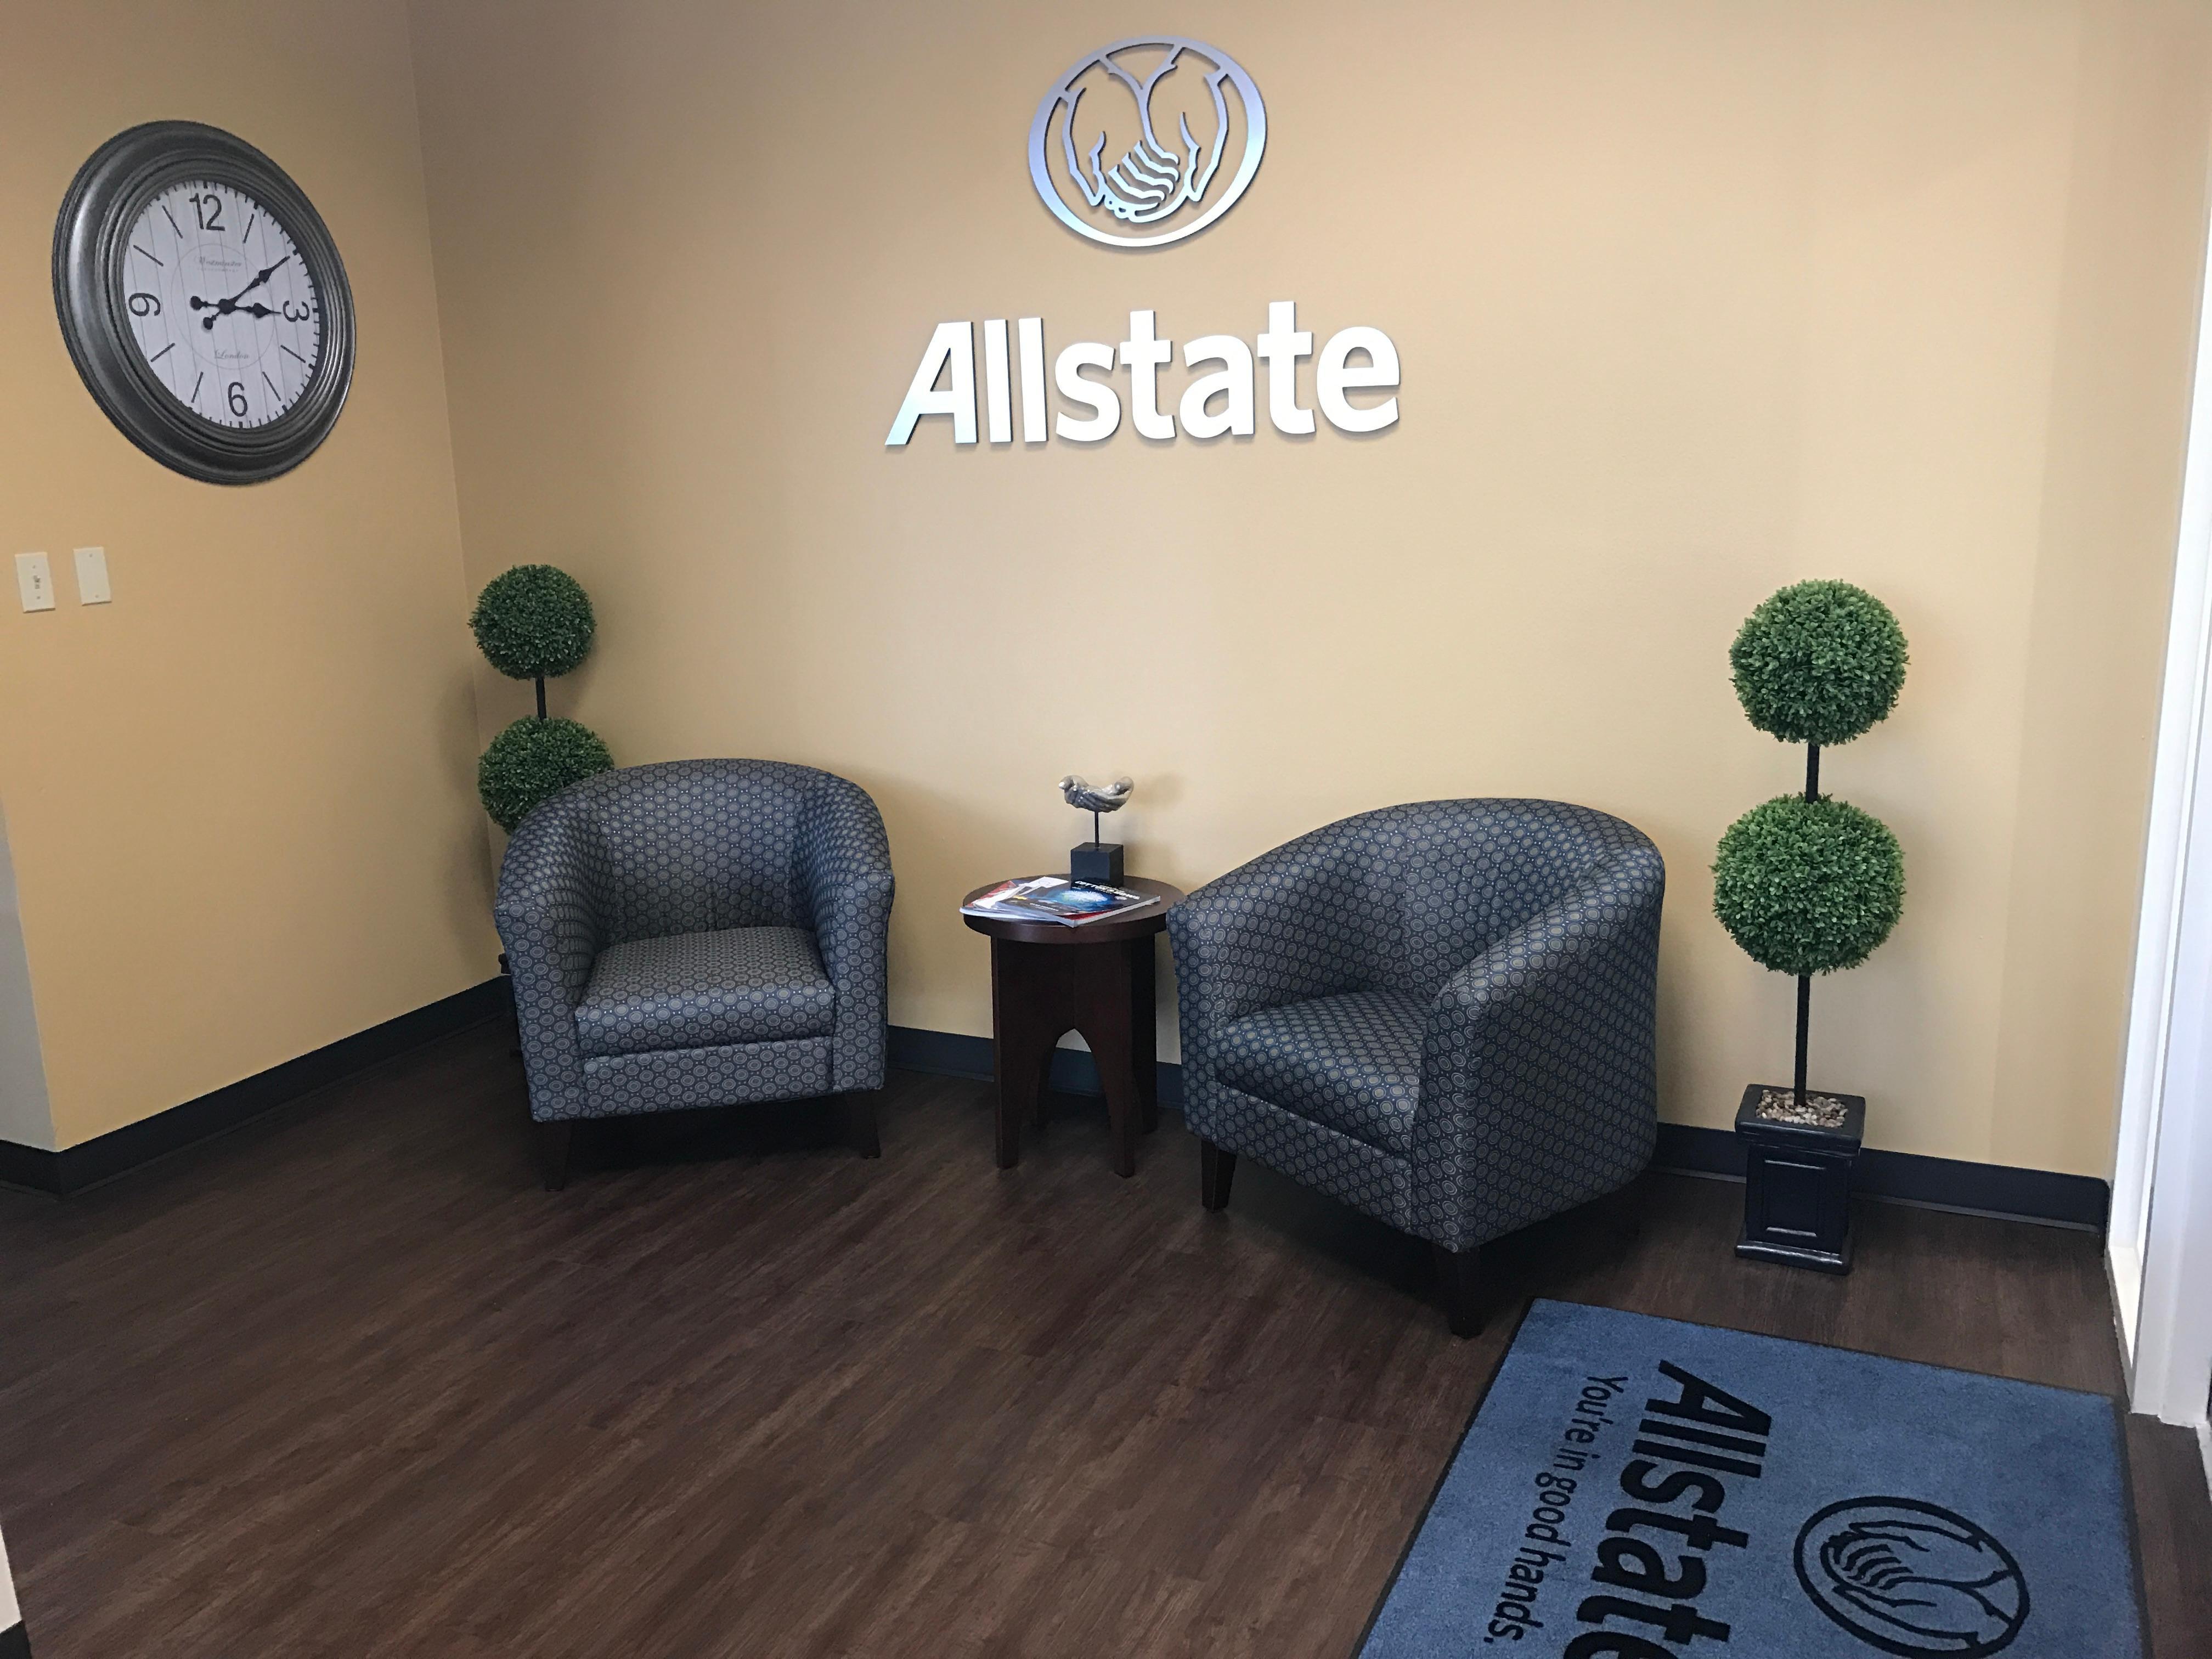 Allstate Insurance Agent: Paul Bolden